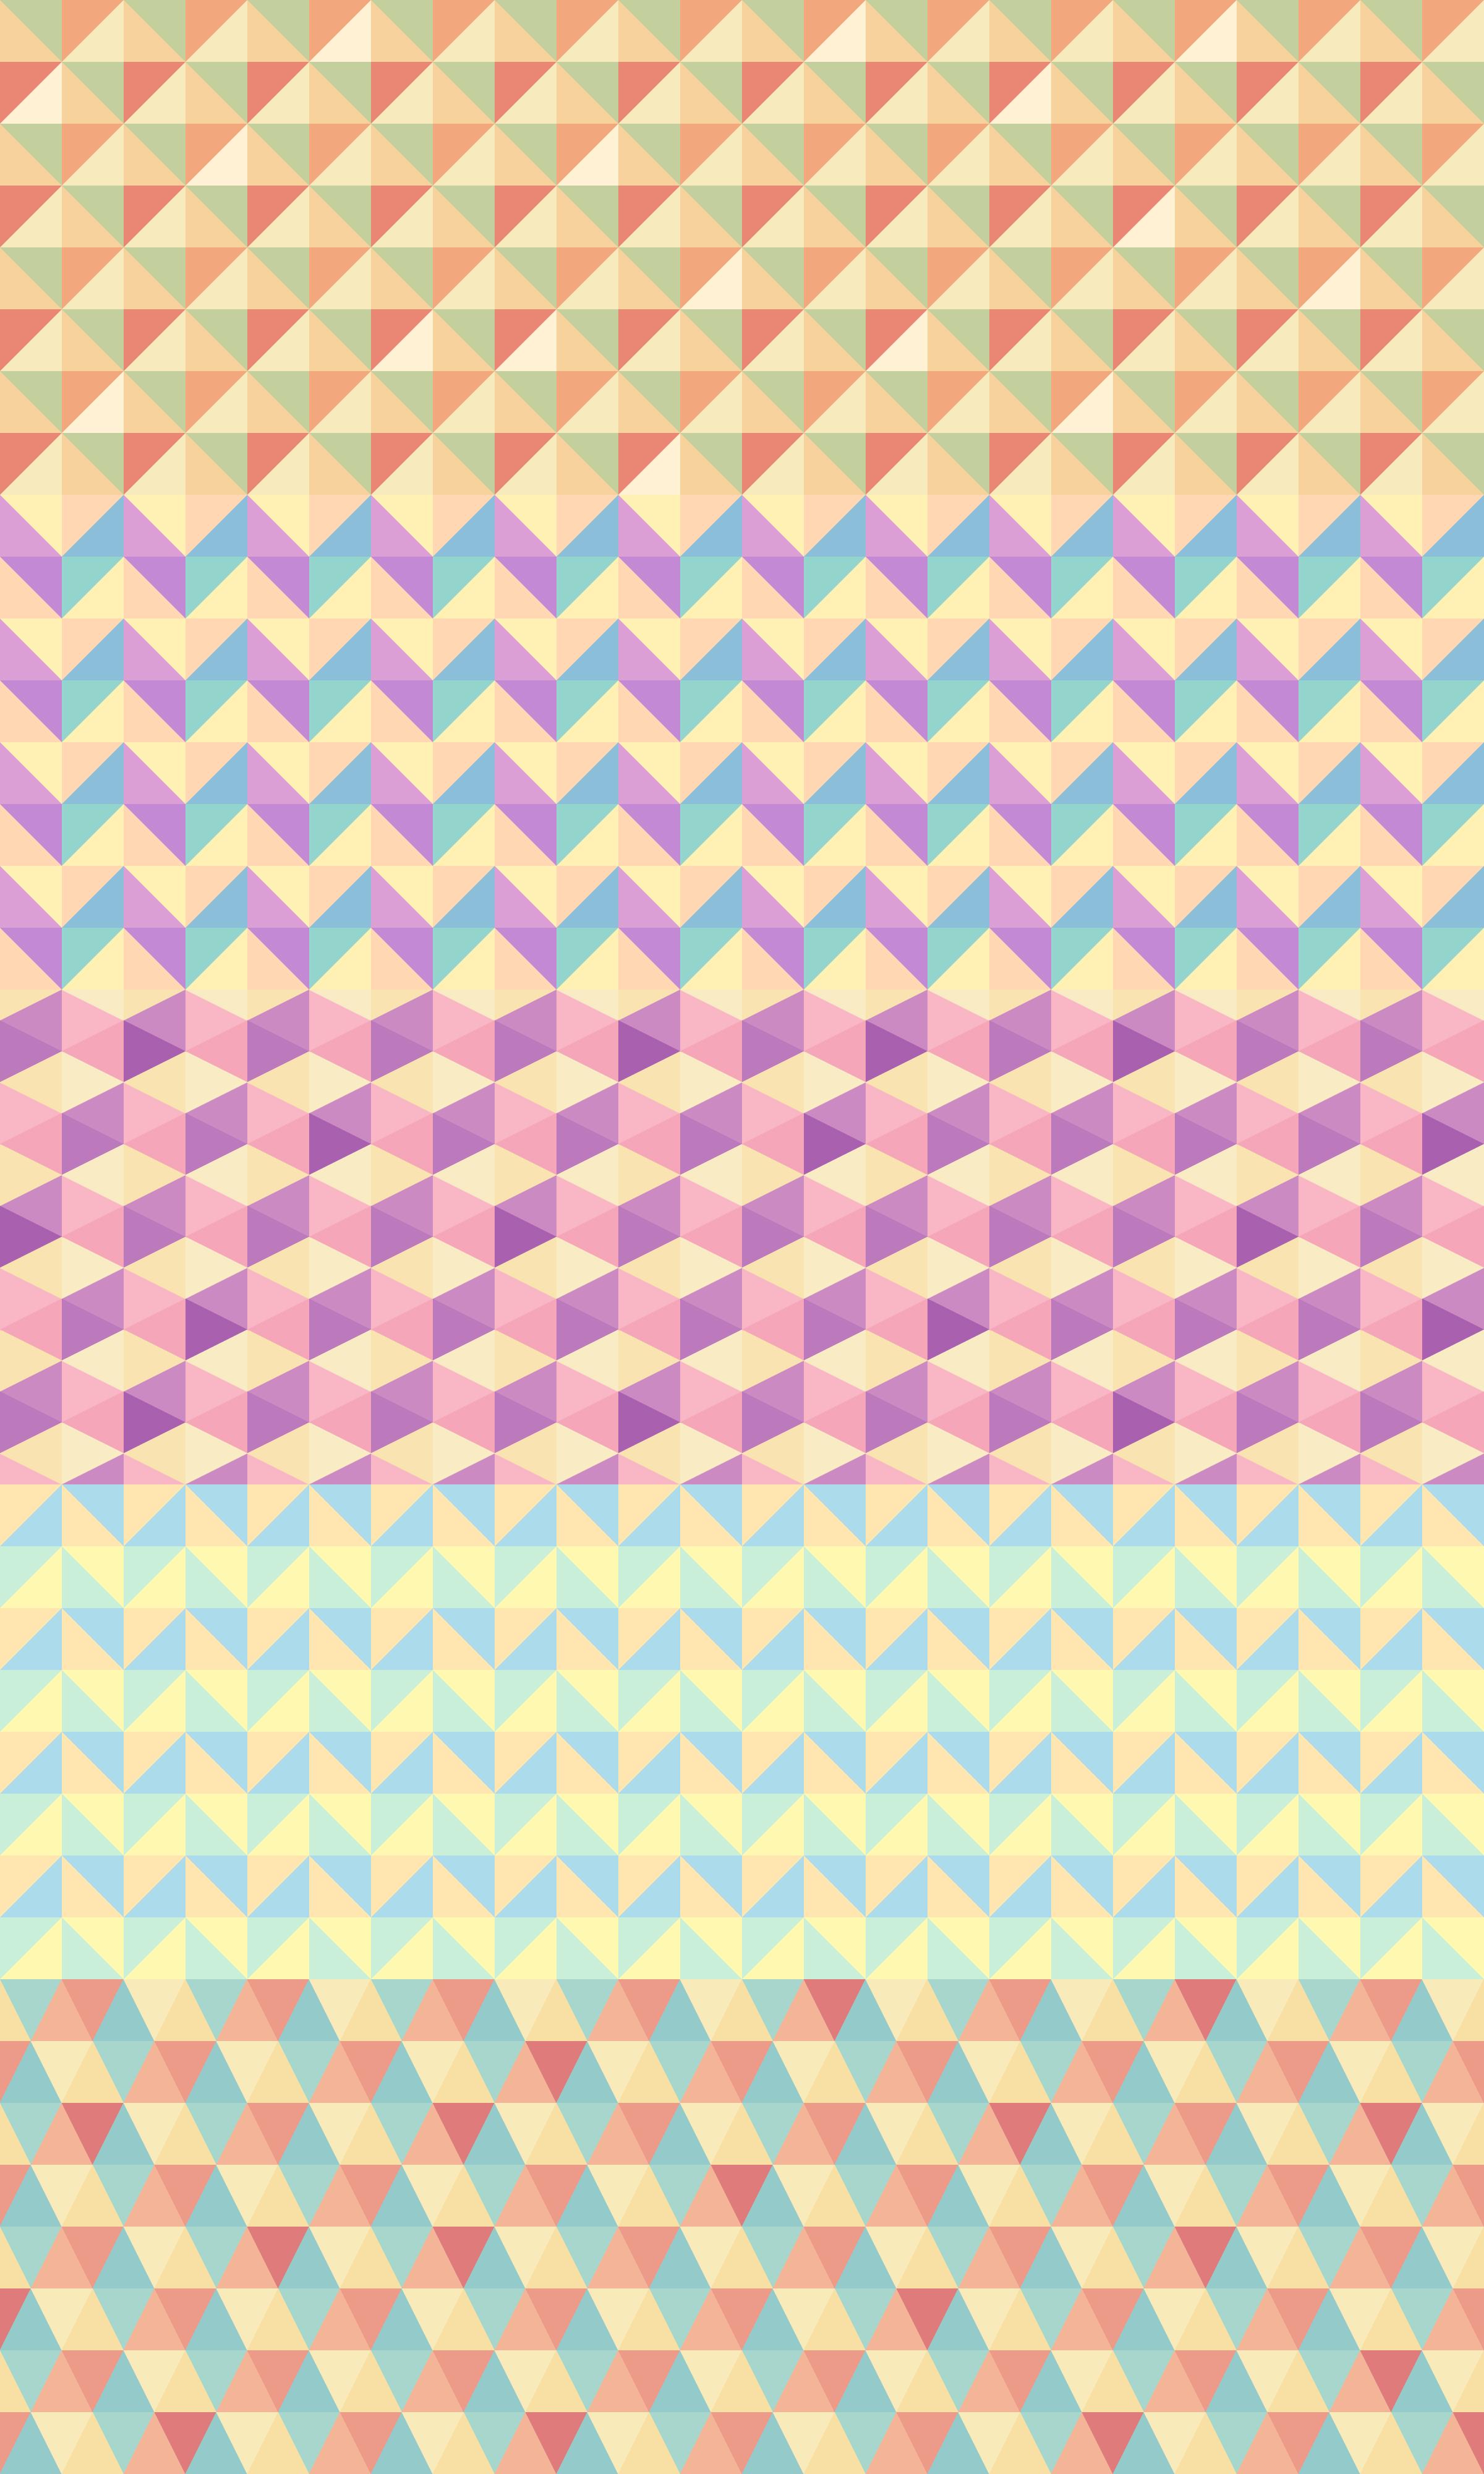 Polygon Backgrounds(check pattern) PSD